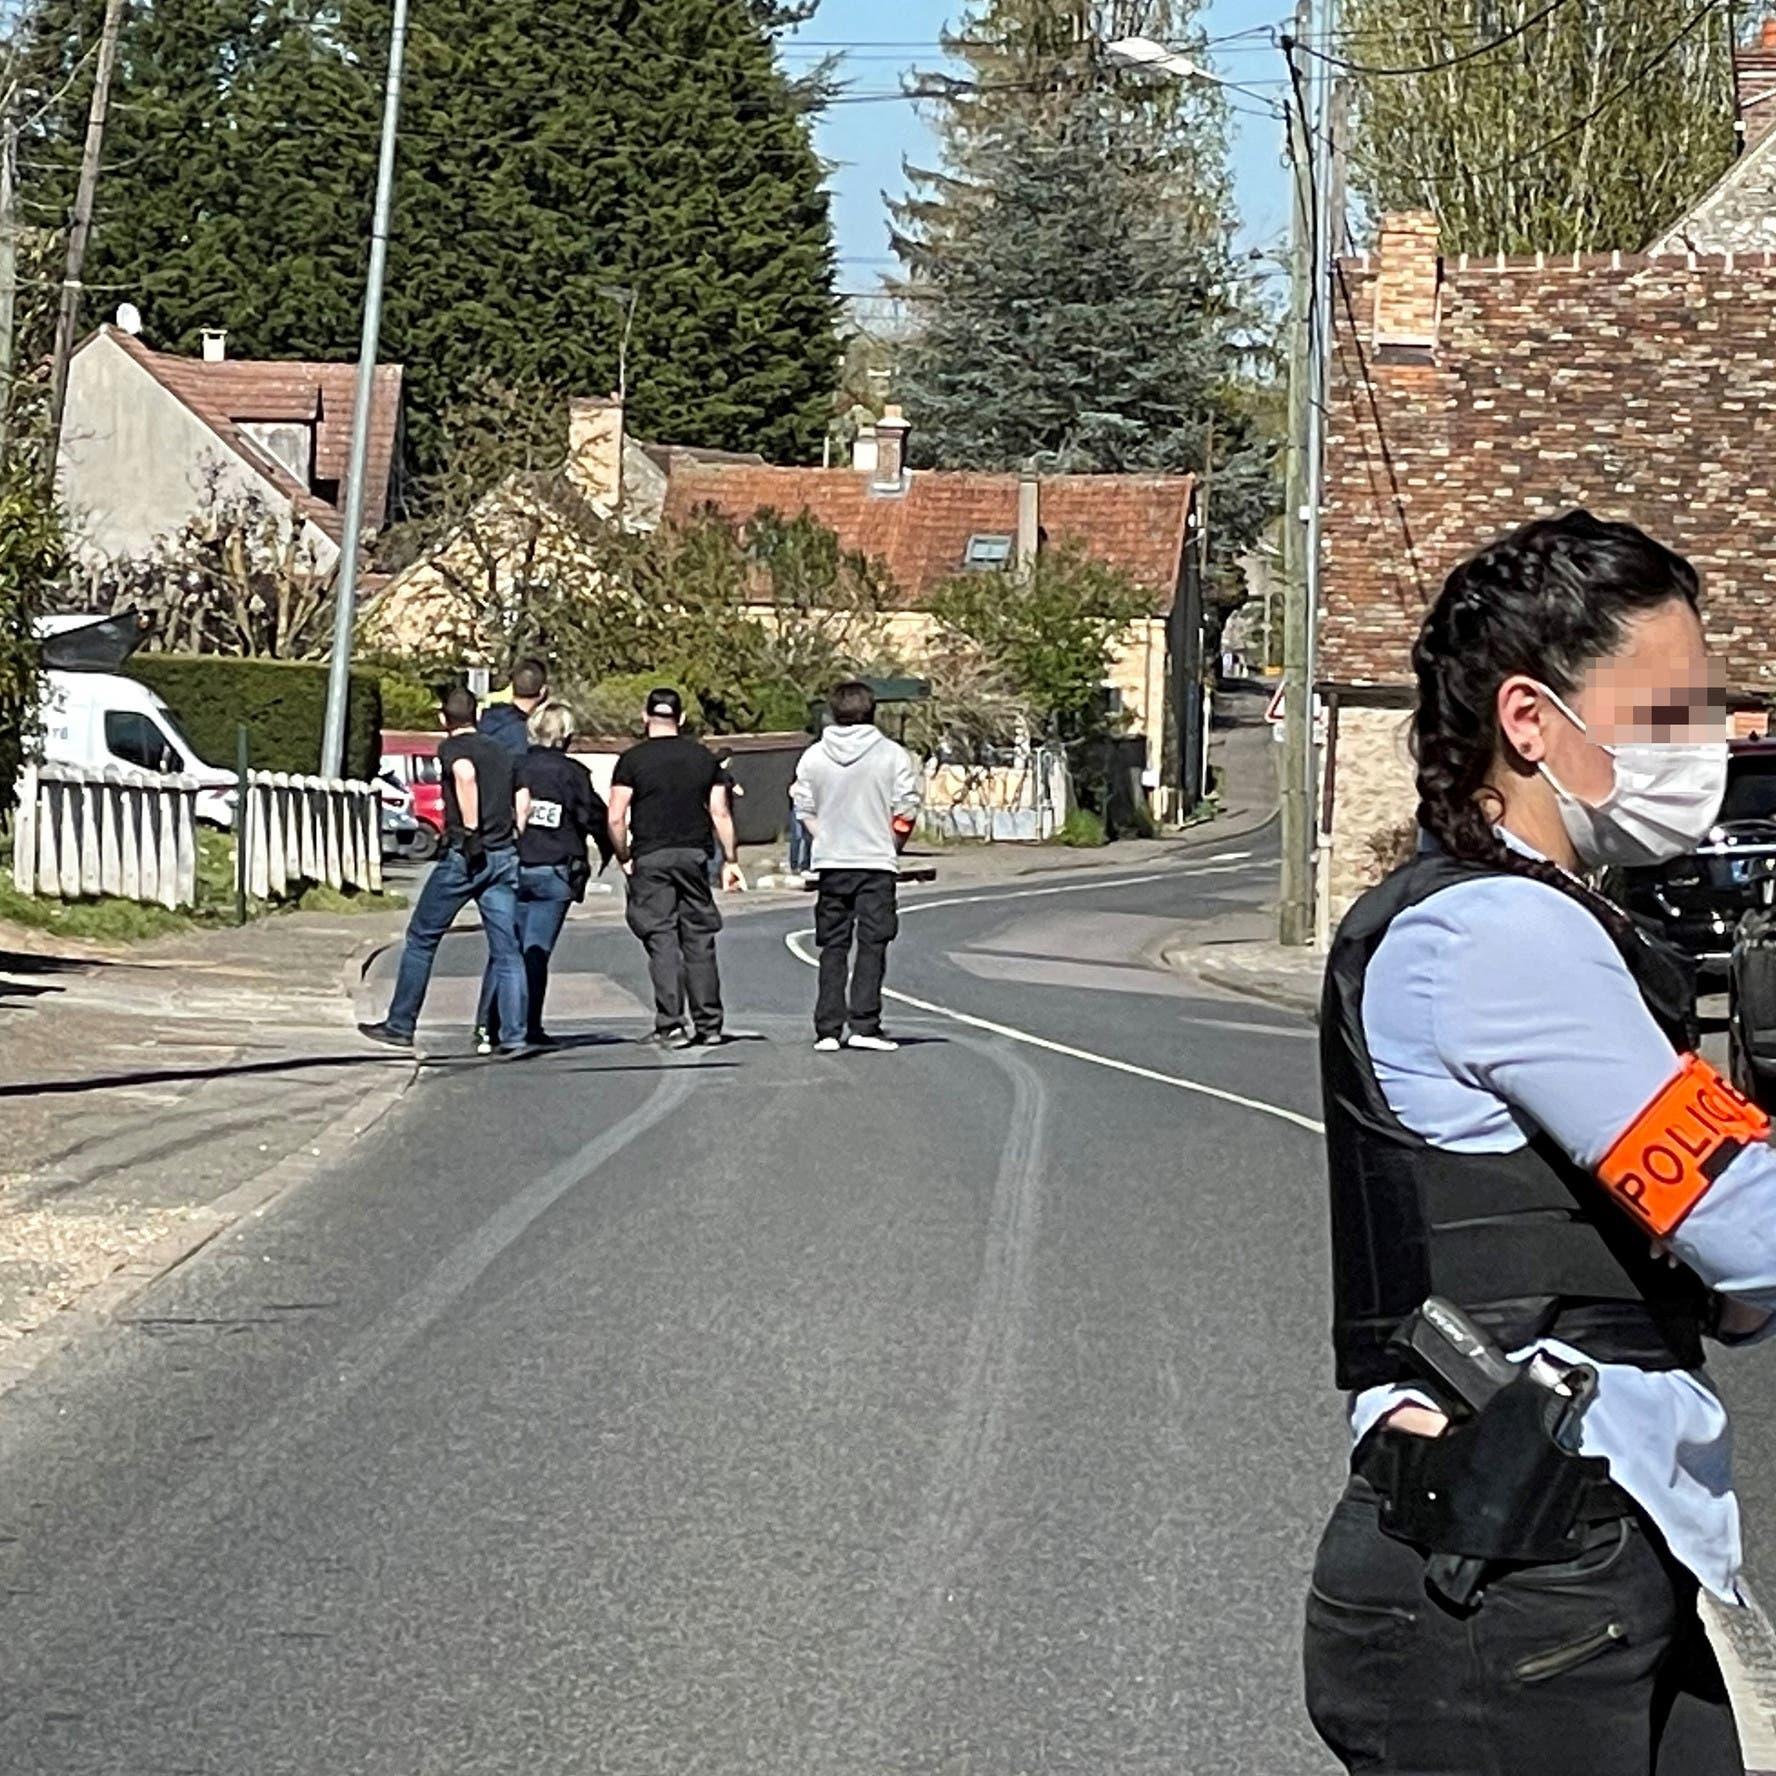 بعد هجوم أدى لمقتل شرطية فرنسية.. توقيف 3 أشخاص على ذمة التحقيق